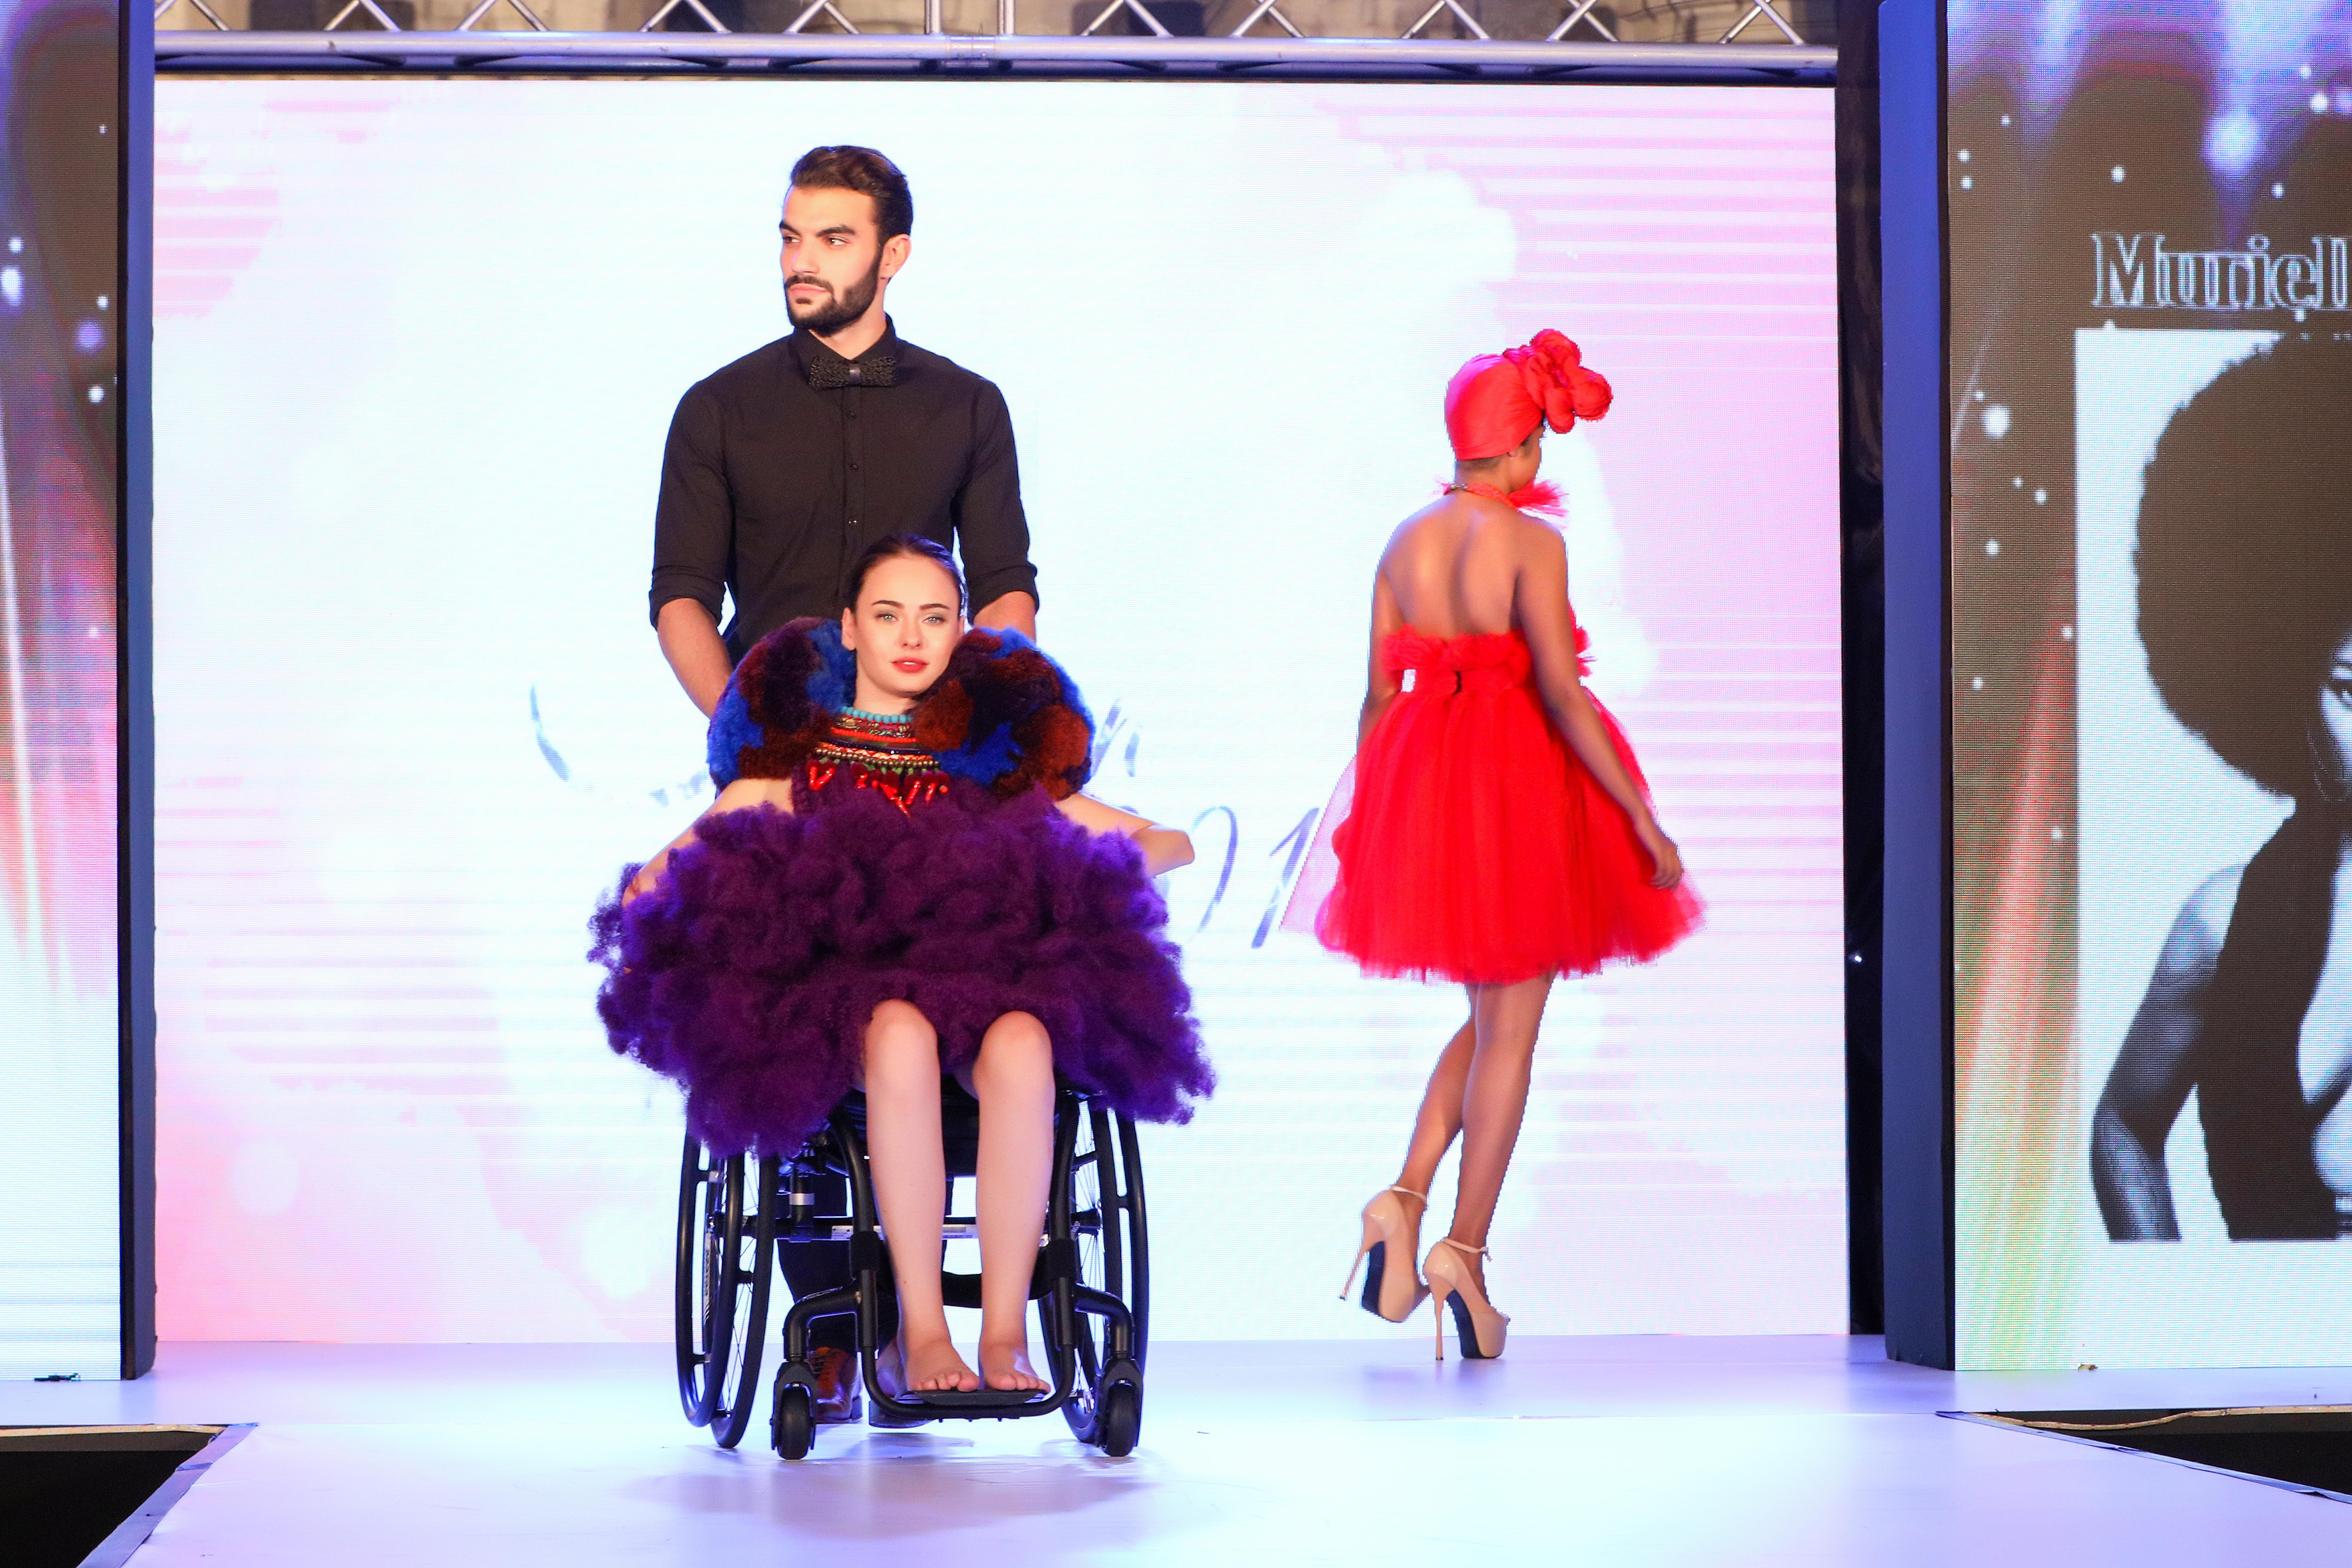 Photo prise lors du défilé de mode sur le podium. 3 personnes défilent avec les tenues des créateurs.  La première est de dos, c'est une femme qui marche vers les coulisses, elle porte une robe rouge bustier courte, façon princesse, et un chapeau rouge avec un noeud sur le devant. Elle porte des escarpins rose clair avec de très haut talons.  Une deuxième femme est sur un fauteuil roulant poussé par un homme vêtu d'une chemise et d'un noeud papillon noirs. Il est barbu. La jeune femme a des yeux bleus et les cheveux attachés bruns. Elle porte une robe façon tutu de danseuse, violette, avec des colliers colorés et de la fausse fourrure autour du cou.